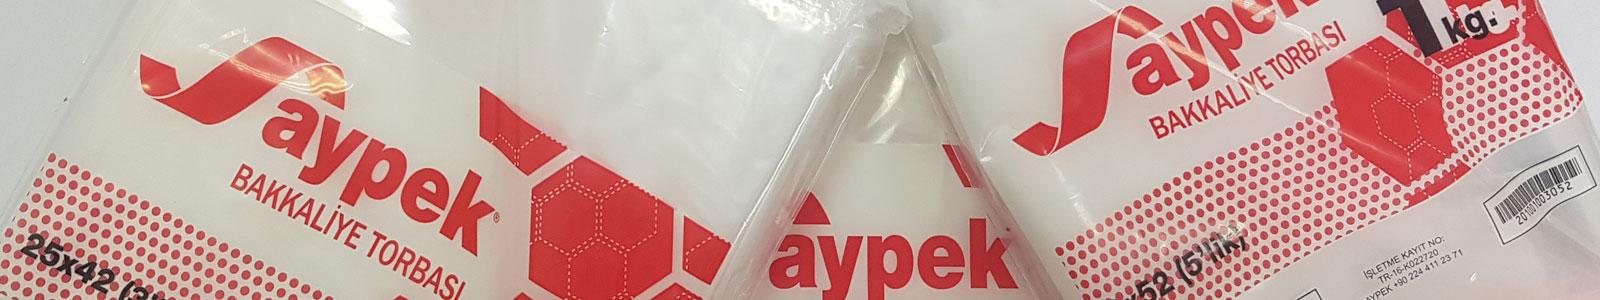 Flexible Packaging Industrial Bags